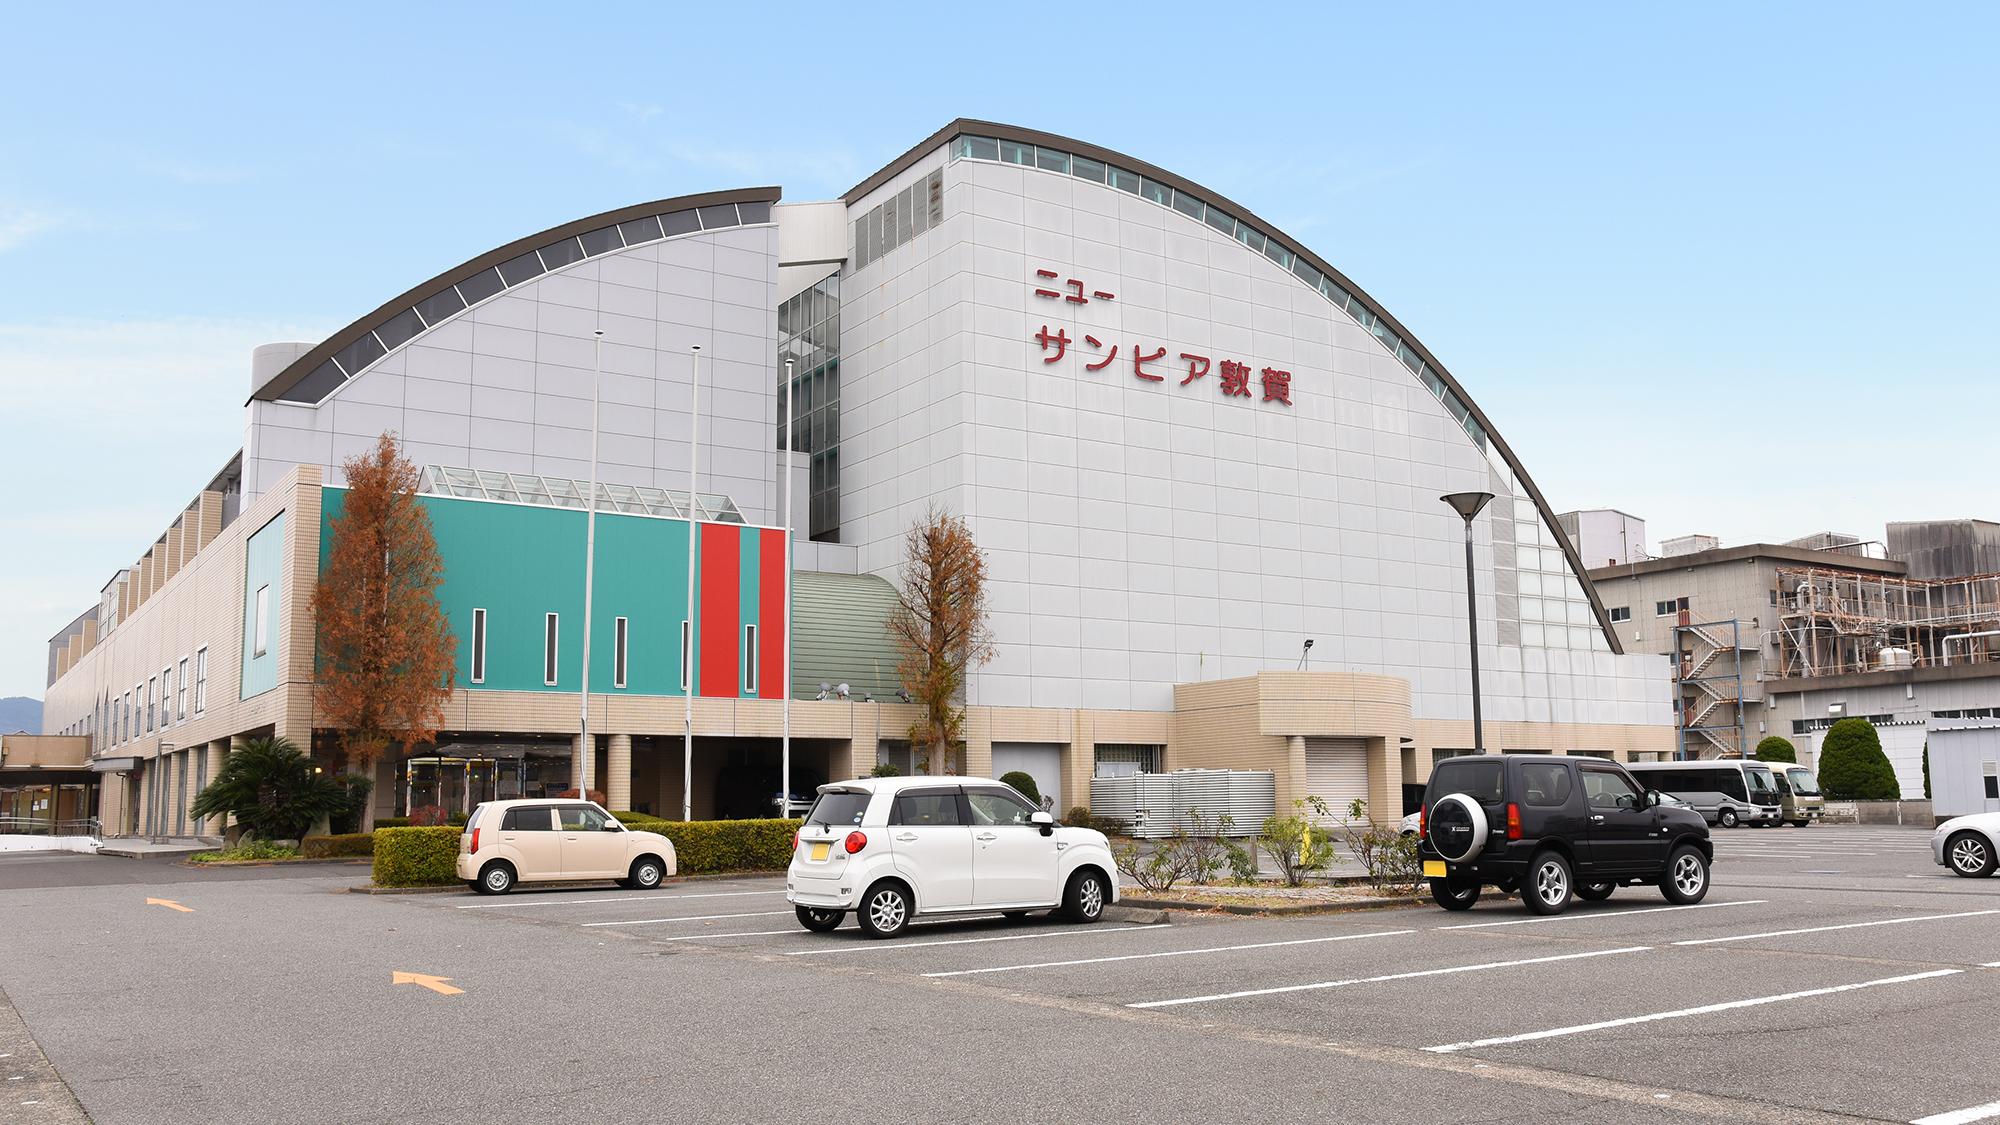 ニュー サンピア 敦賀◆楽天トラベル